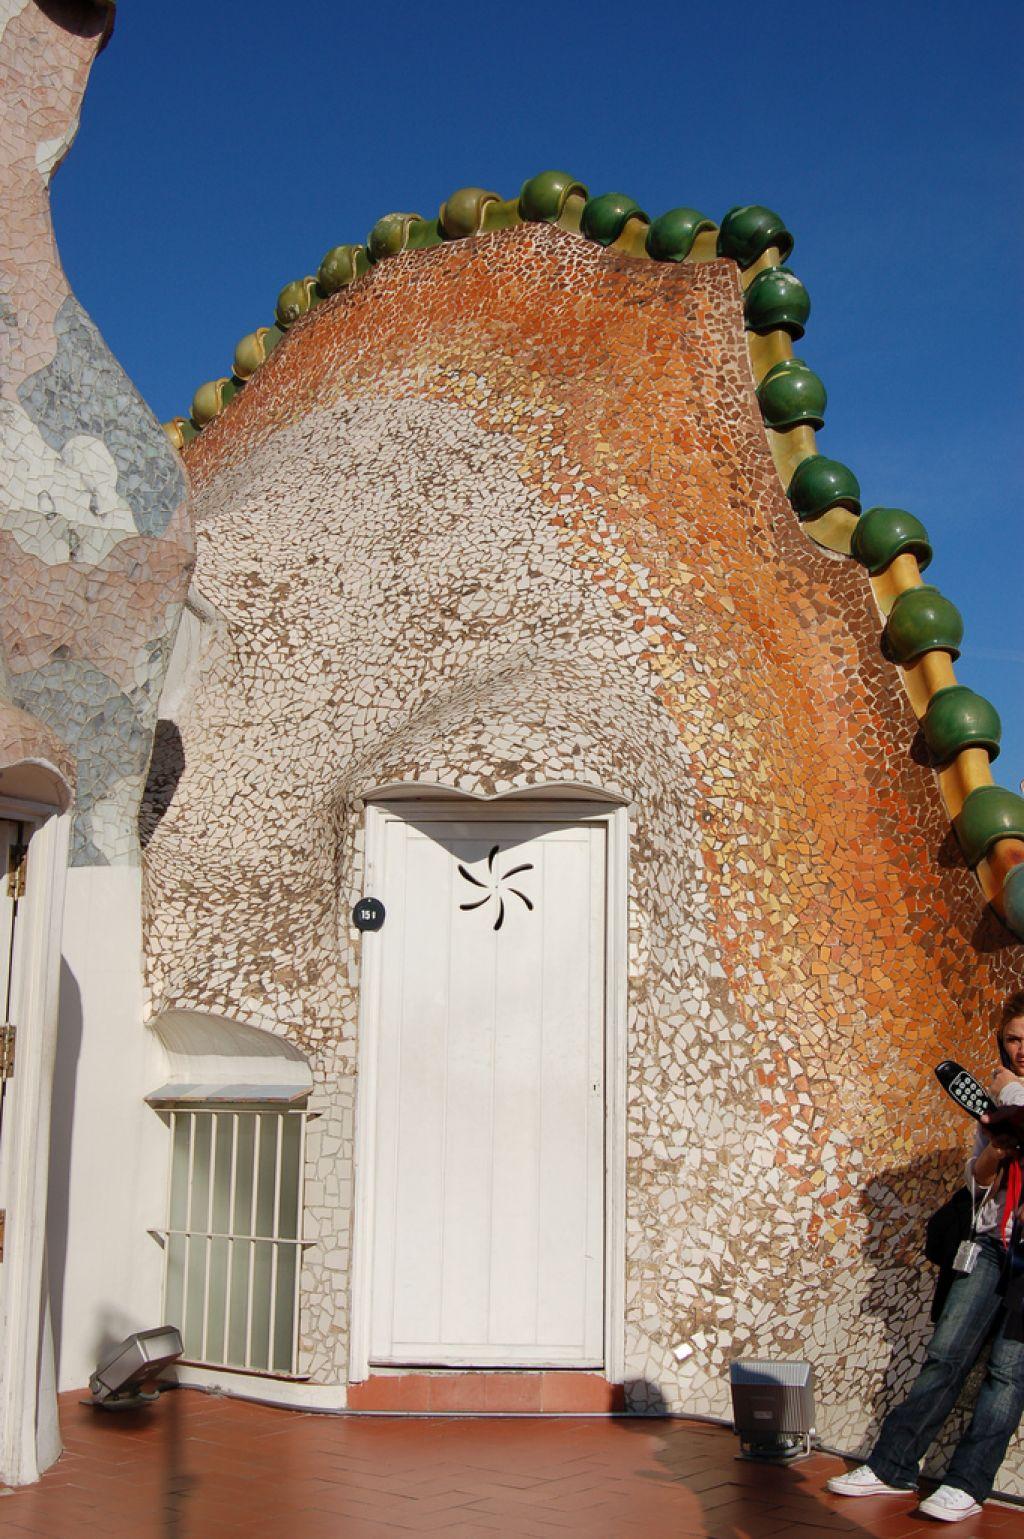 casa batllo4 Casa Batllo   Original Work by Antoni Gaudi